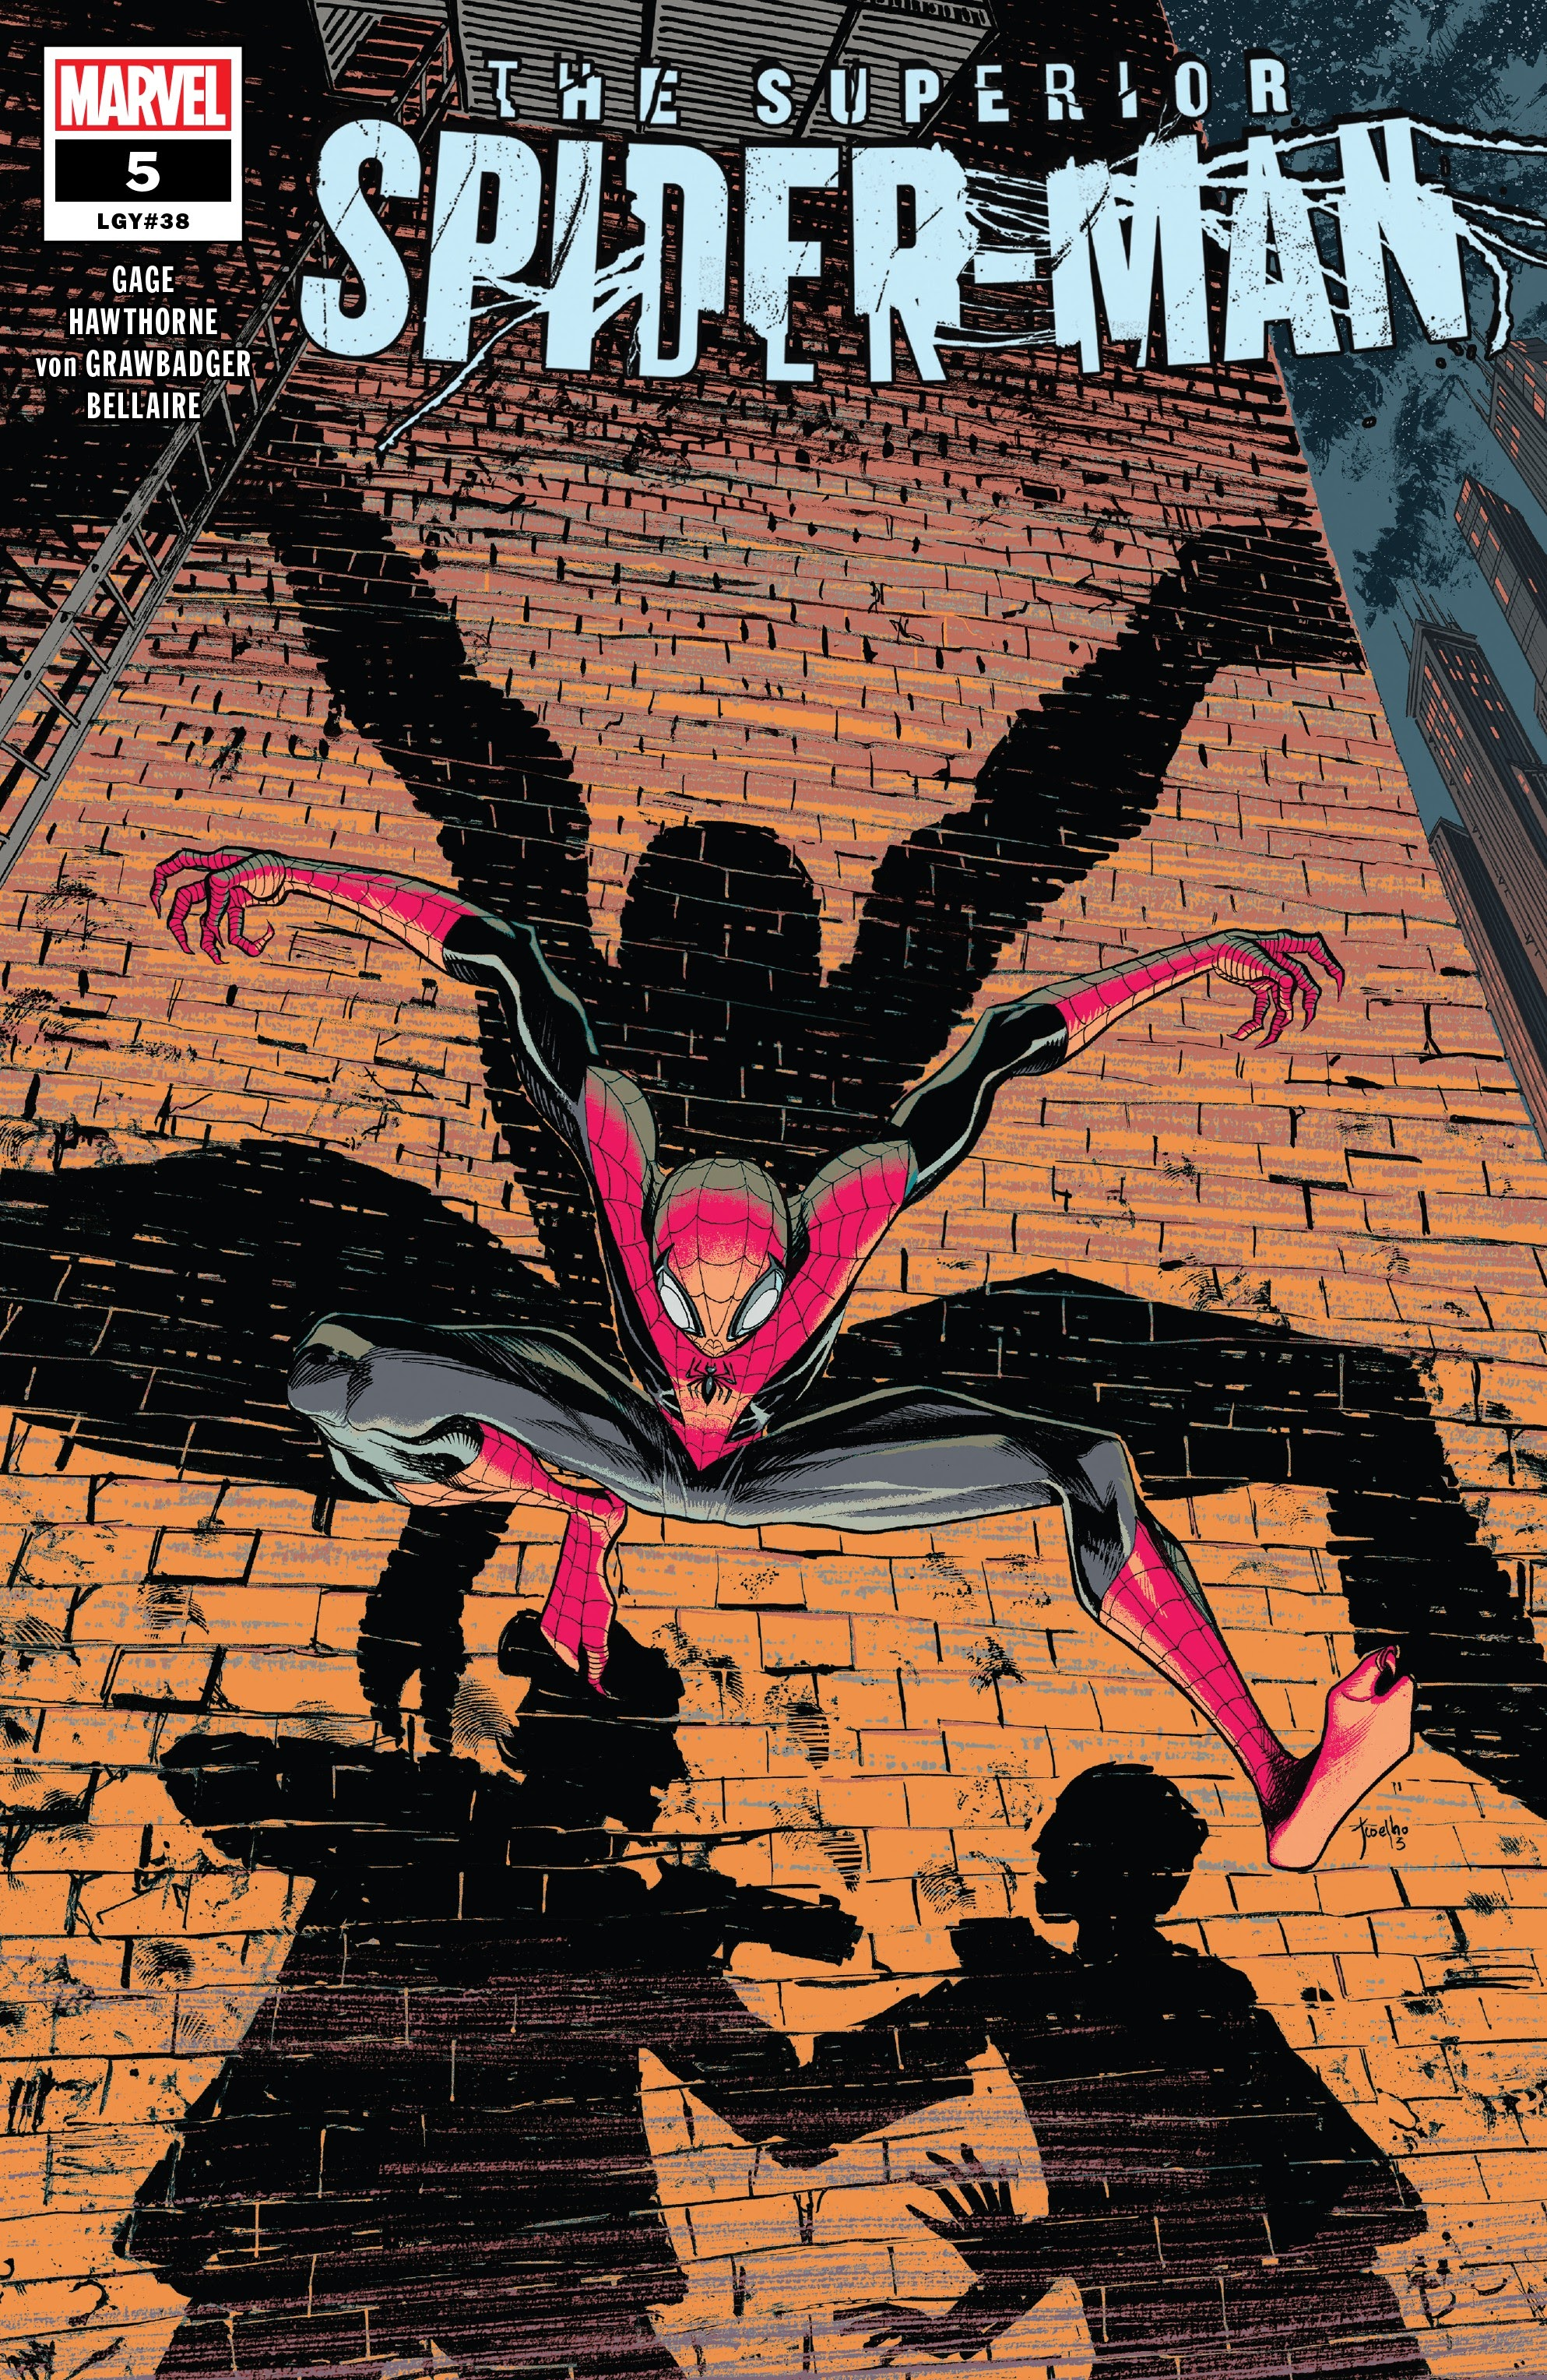 Superior Spider-Man (2019) issue 5 - Page 1